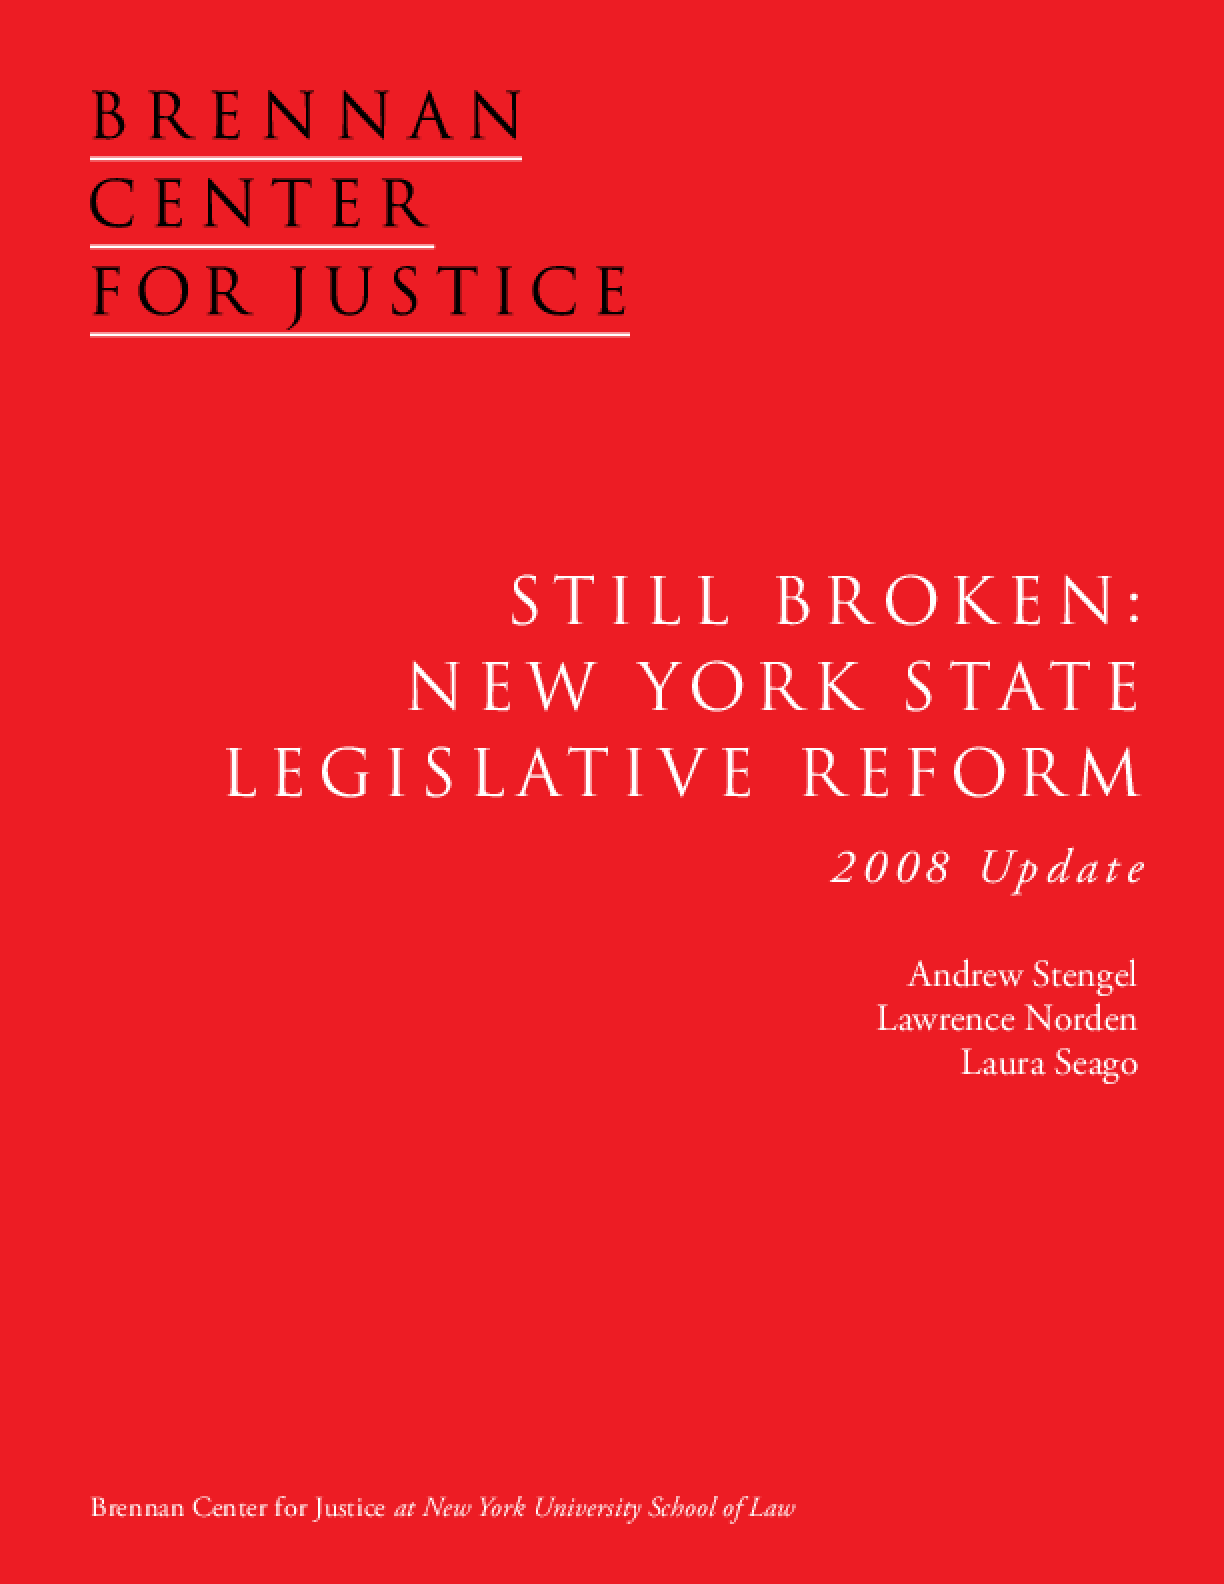 Still Broken: New York State Legislative Reform